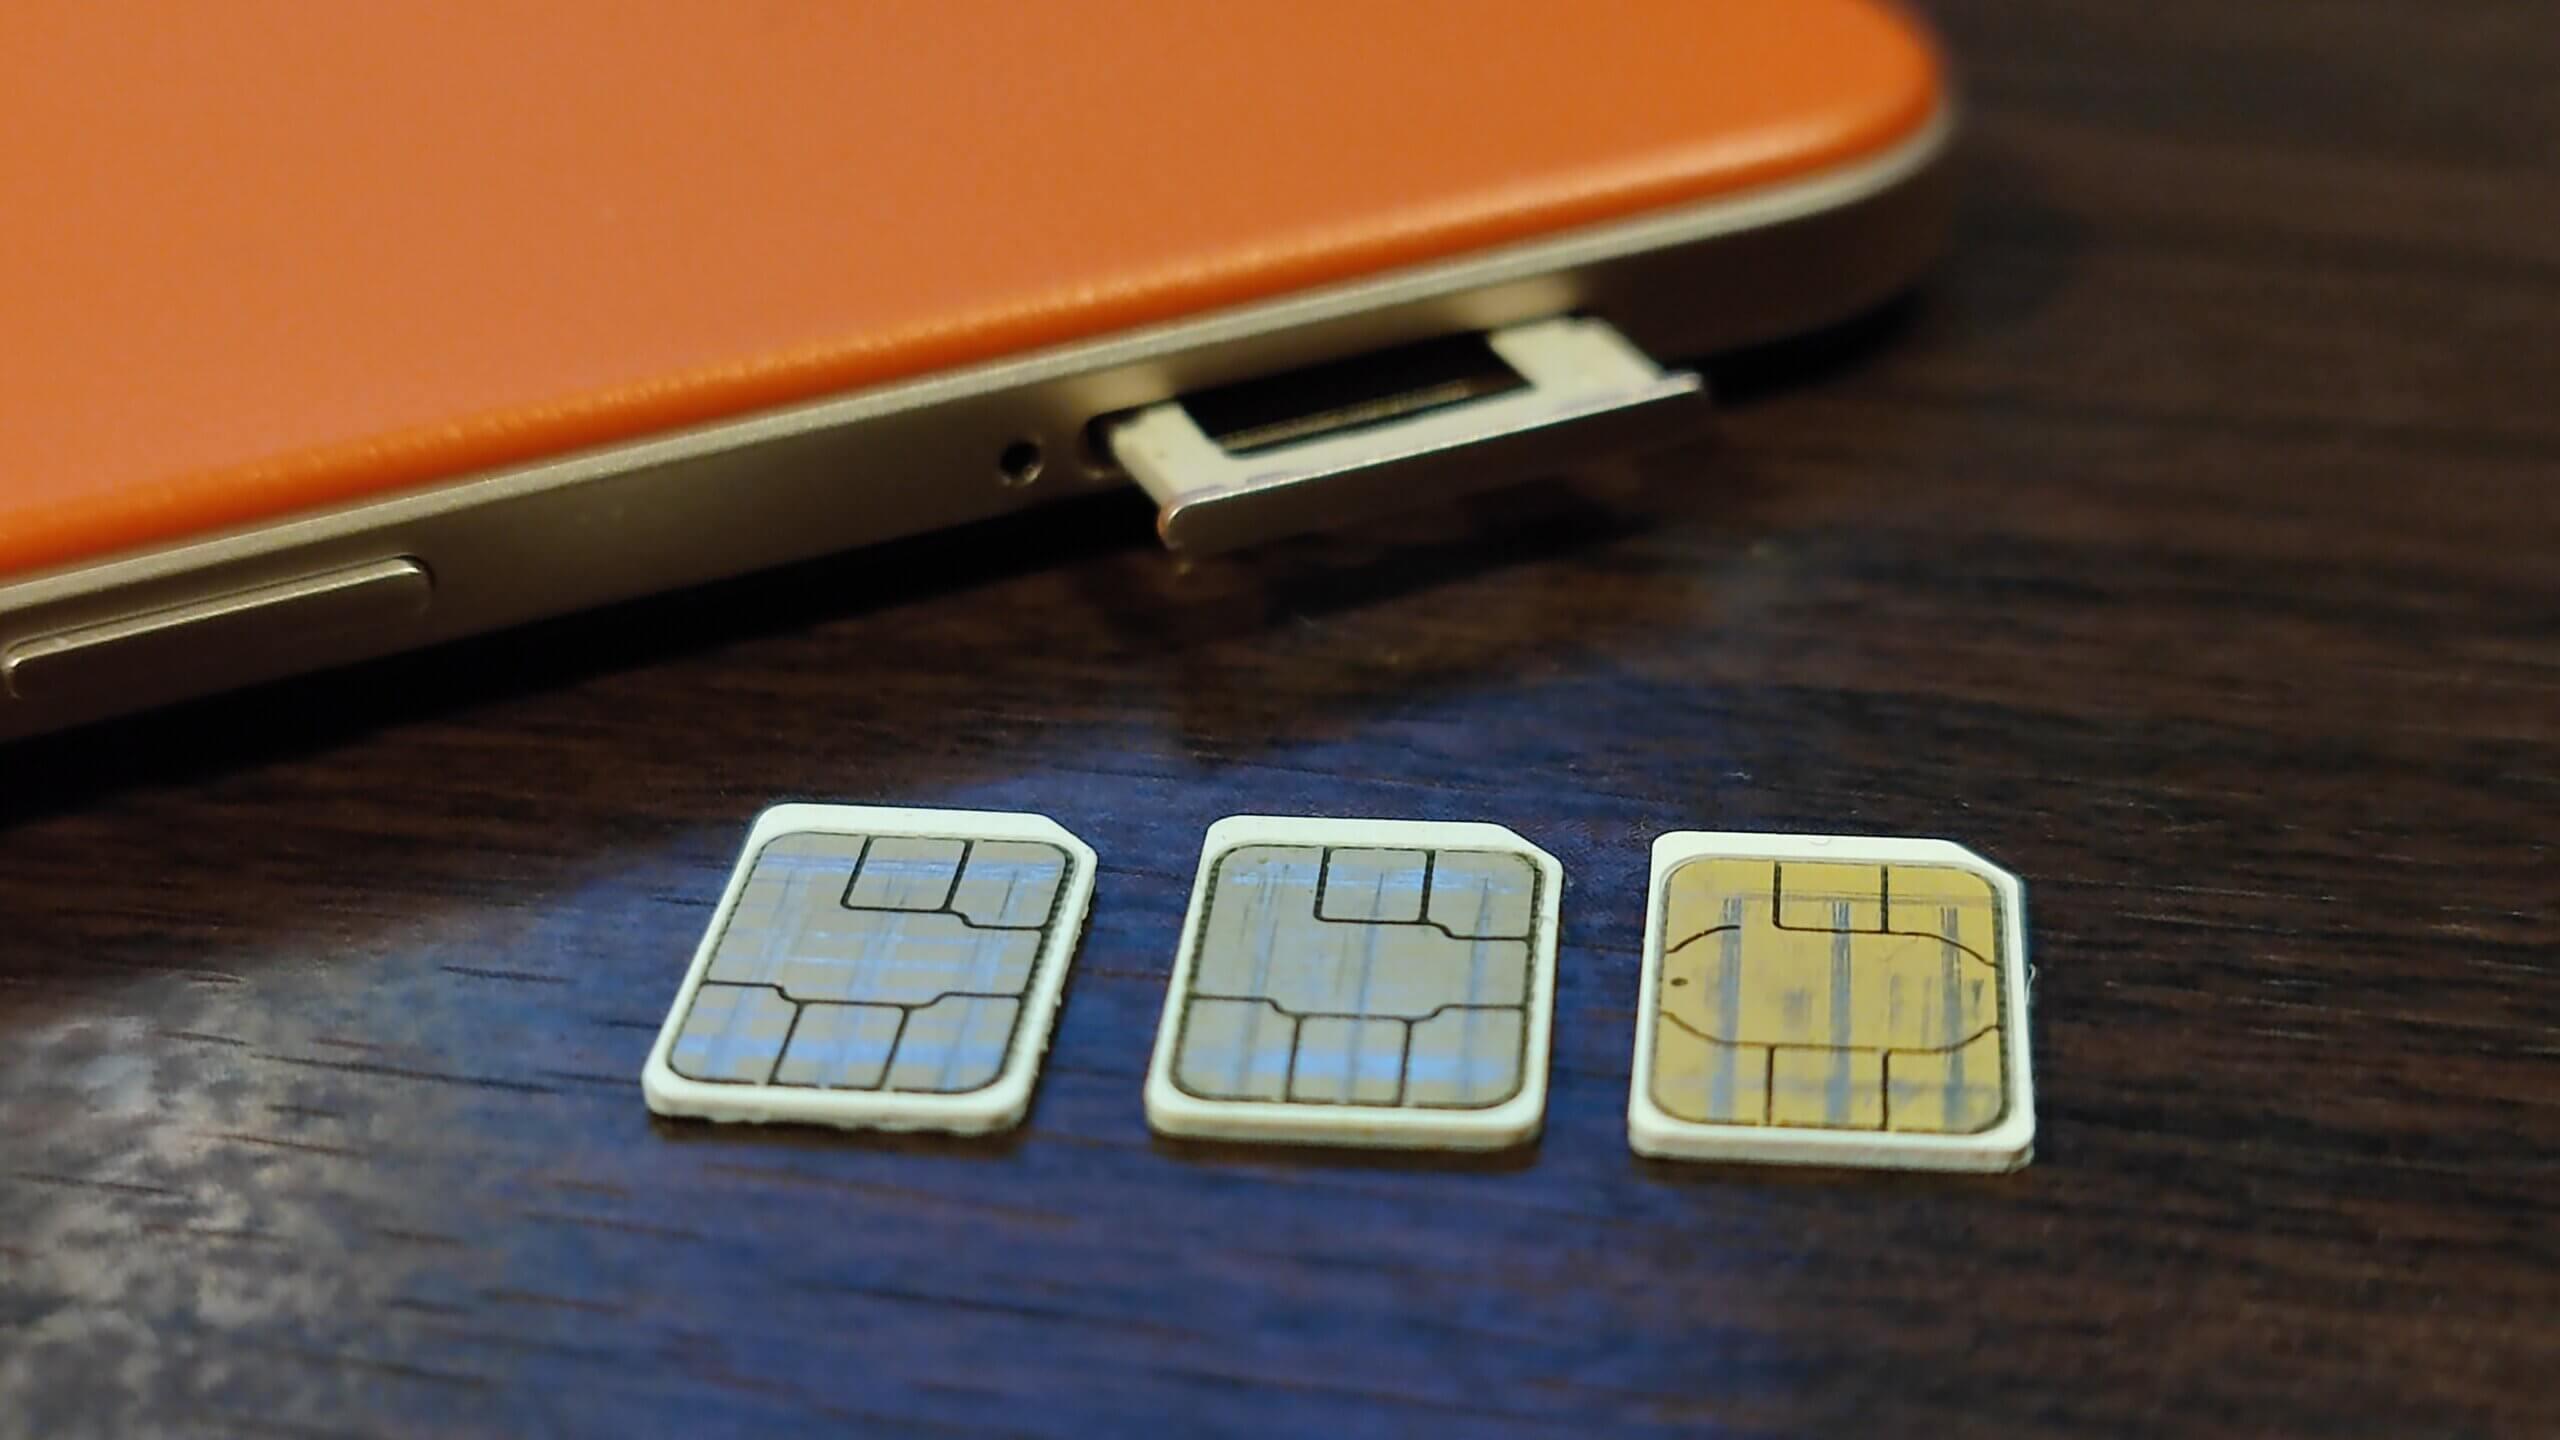 OCNモバイルONE、IIJmio、BIGLOBEモバイル、mineoの中で一番お得な格安SIMはどれ?